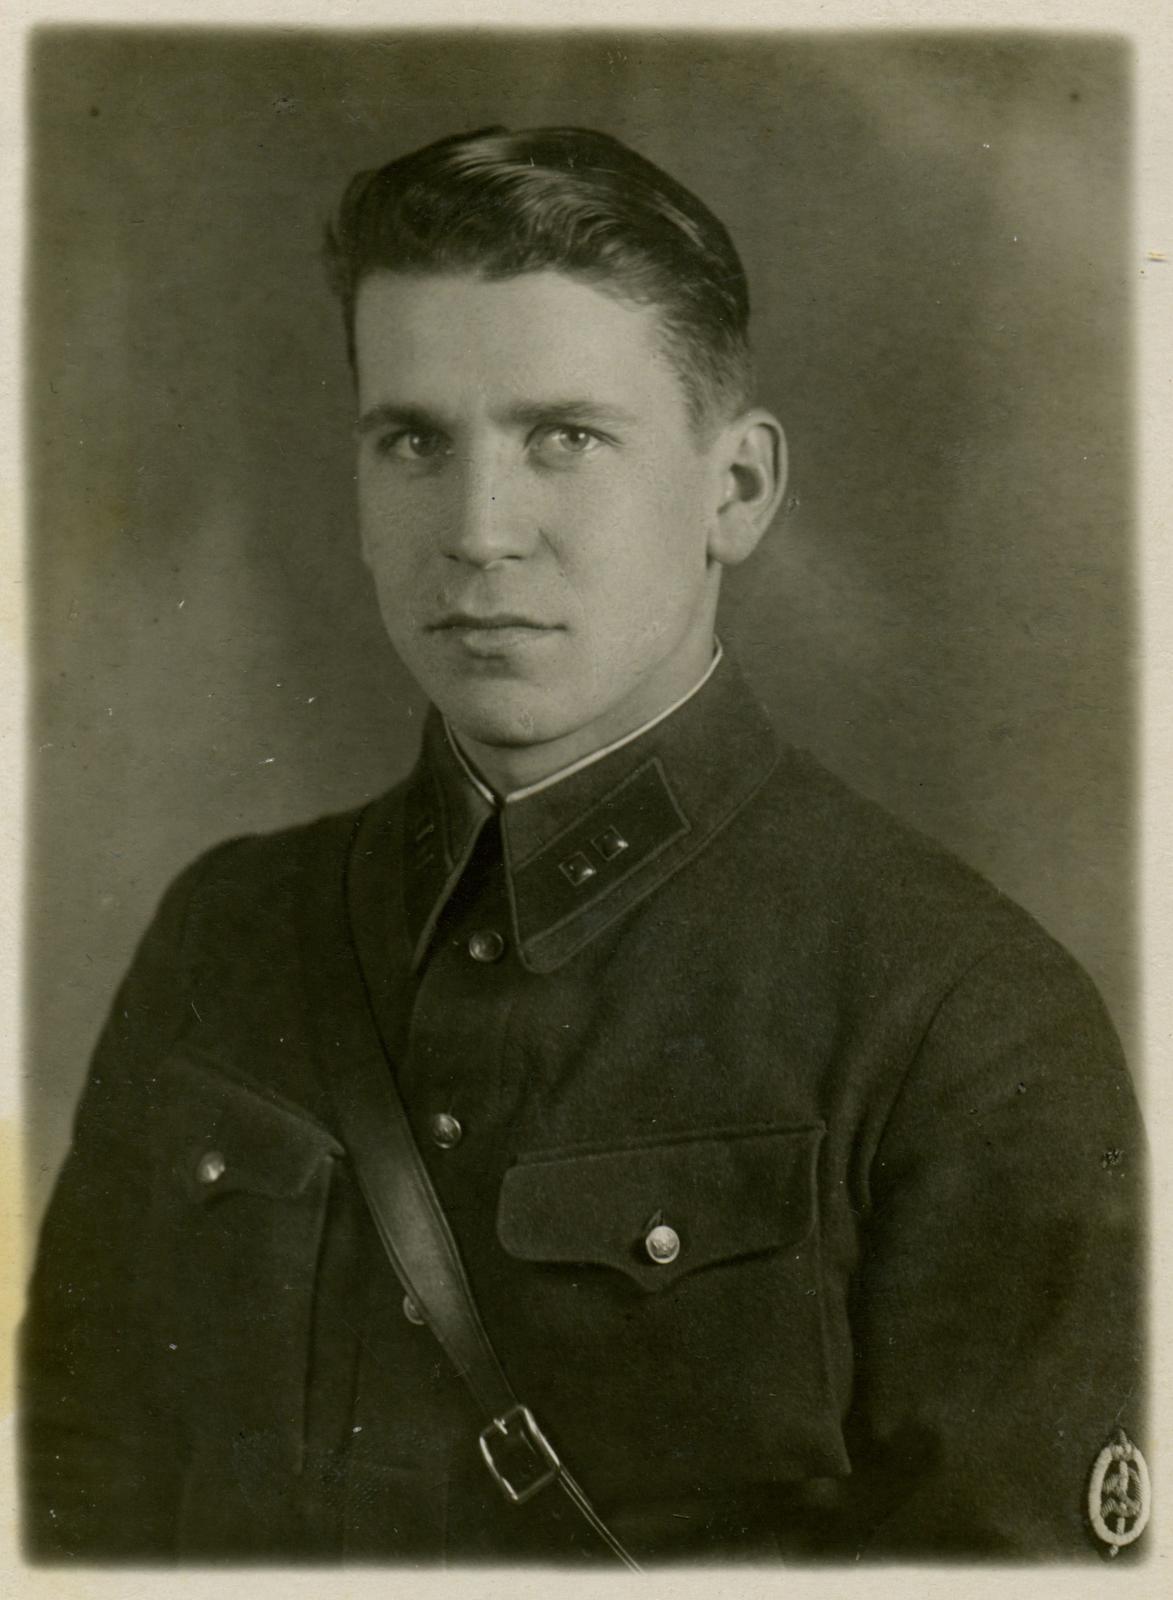 1939. Сержант государственной безопасности